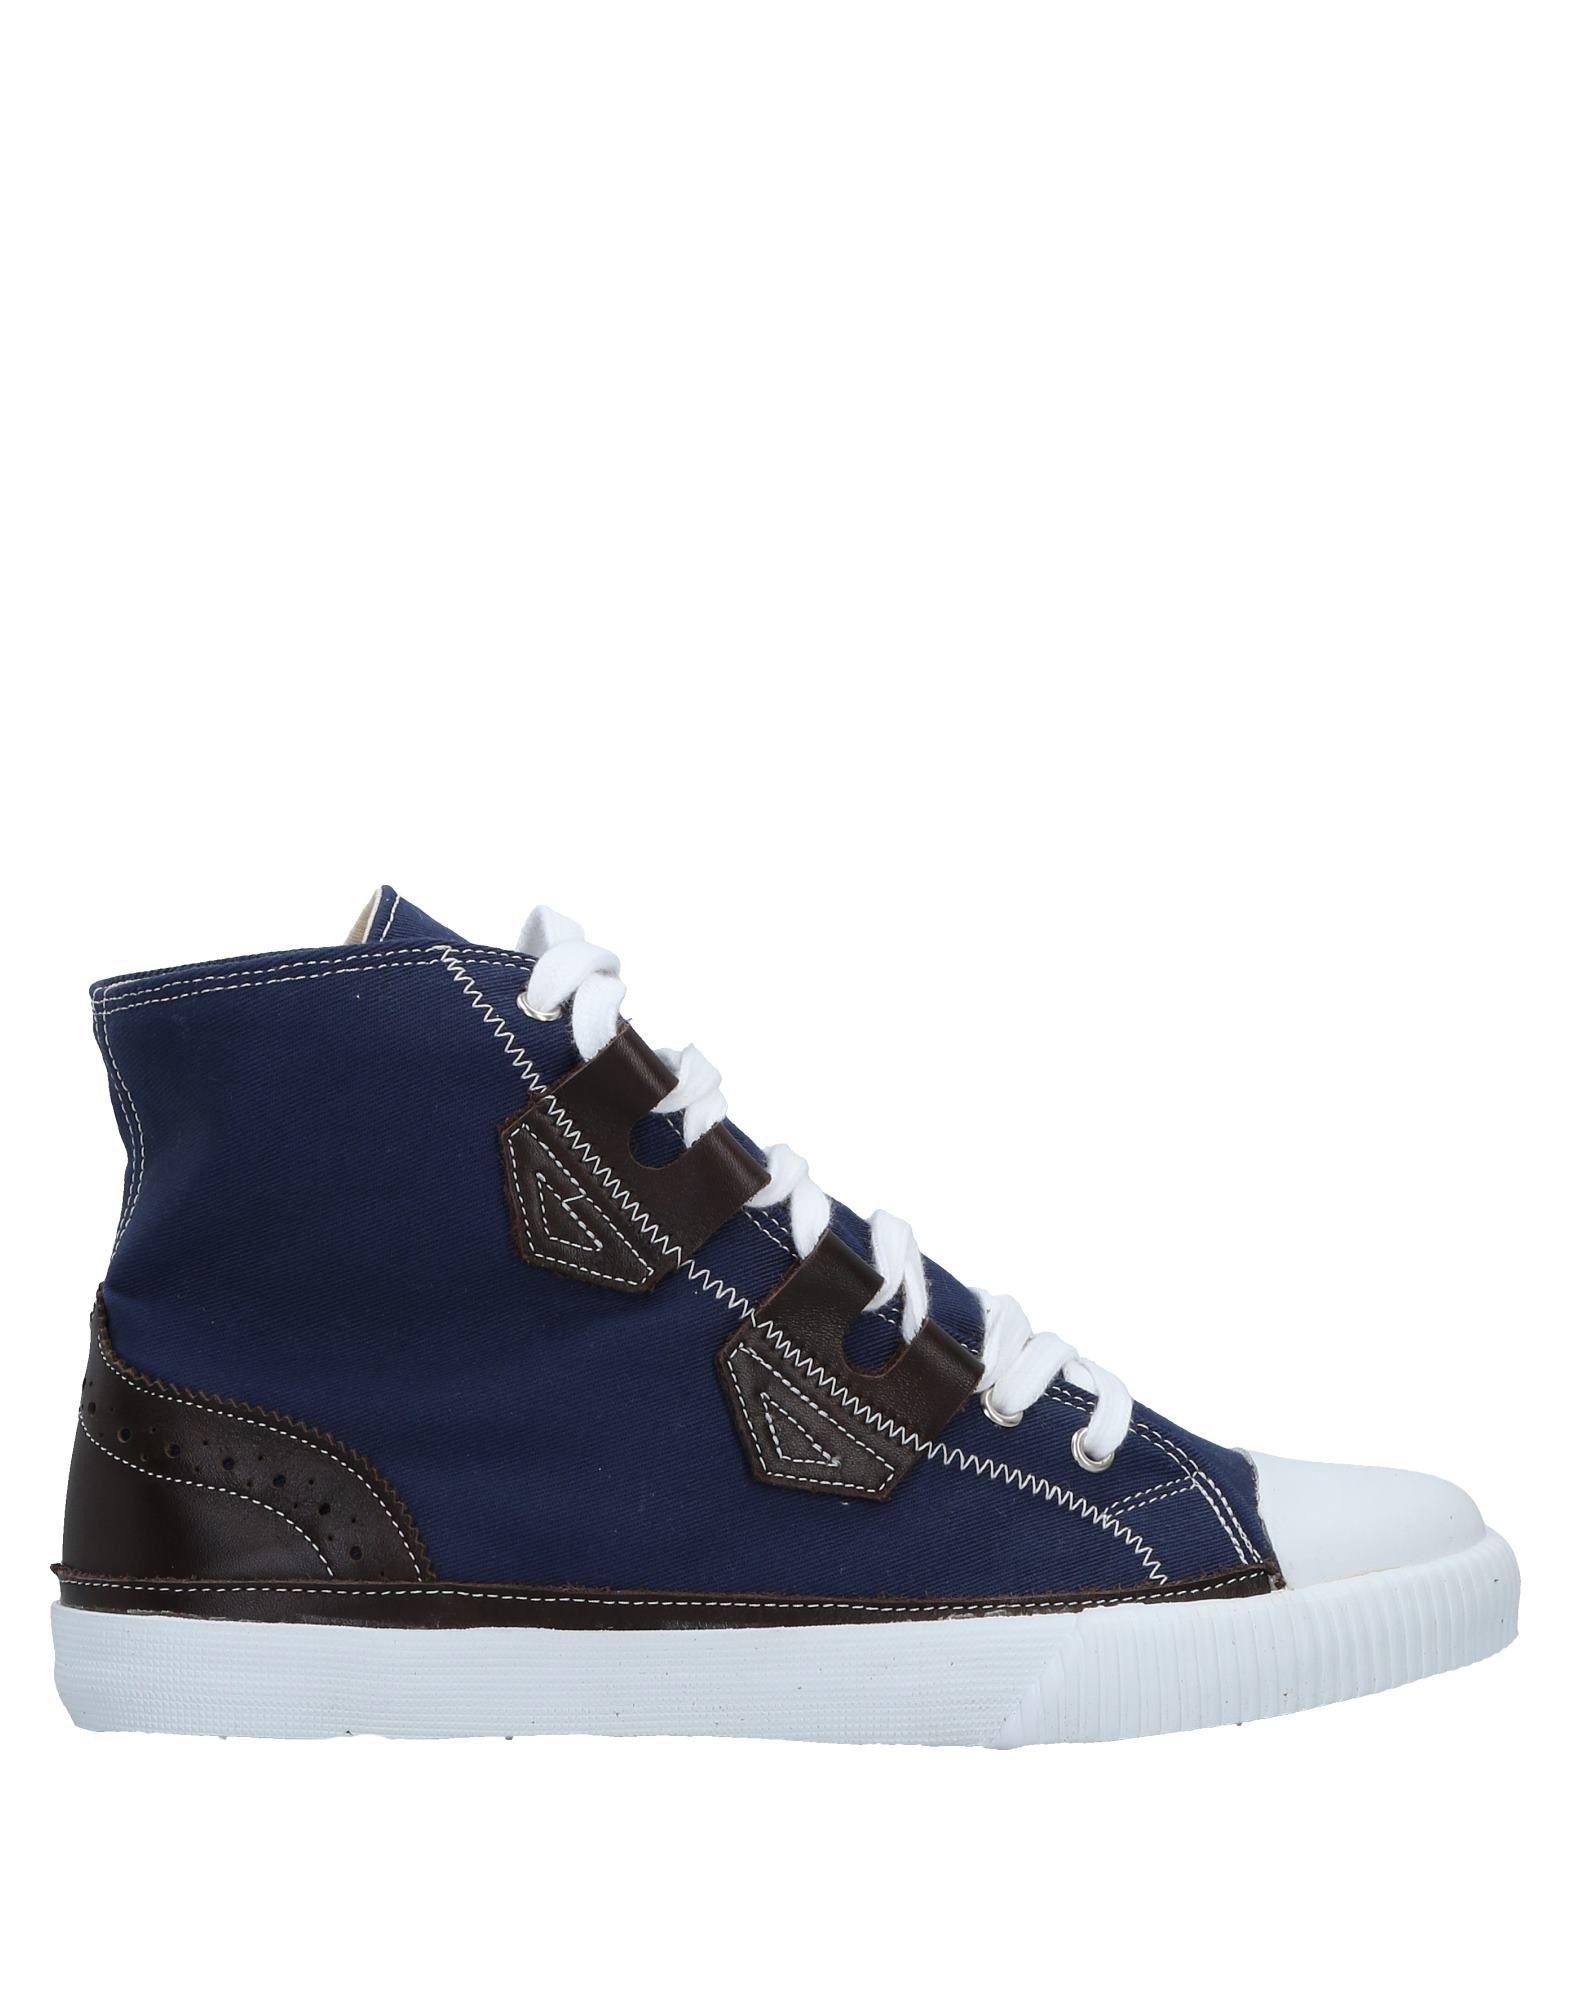 Sneakers Grenson By Kazuki Kuraishi Uomo - 11541129PF